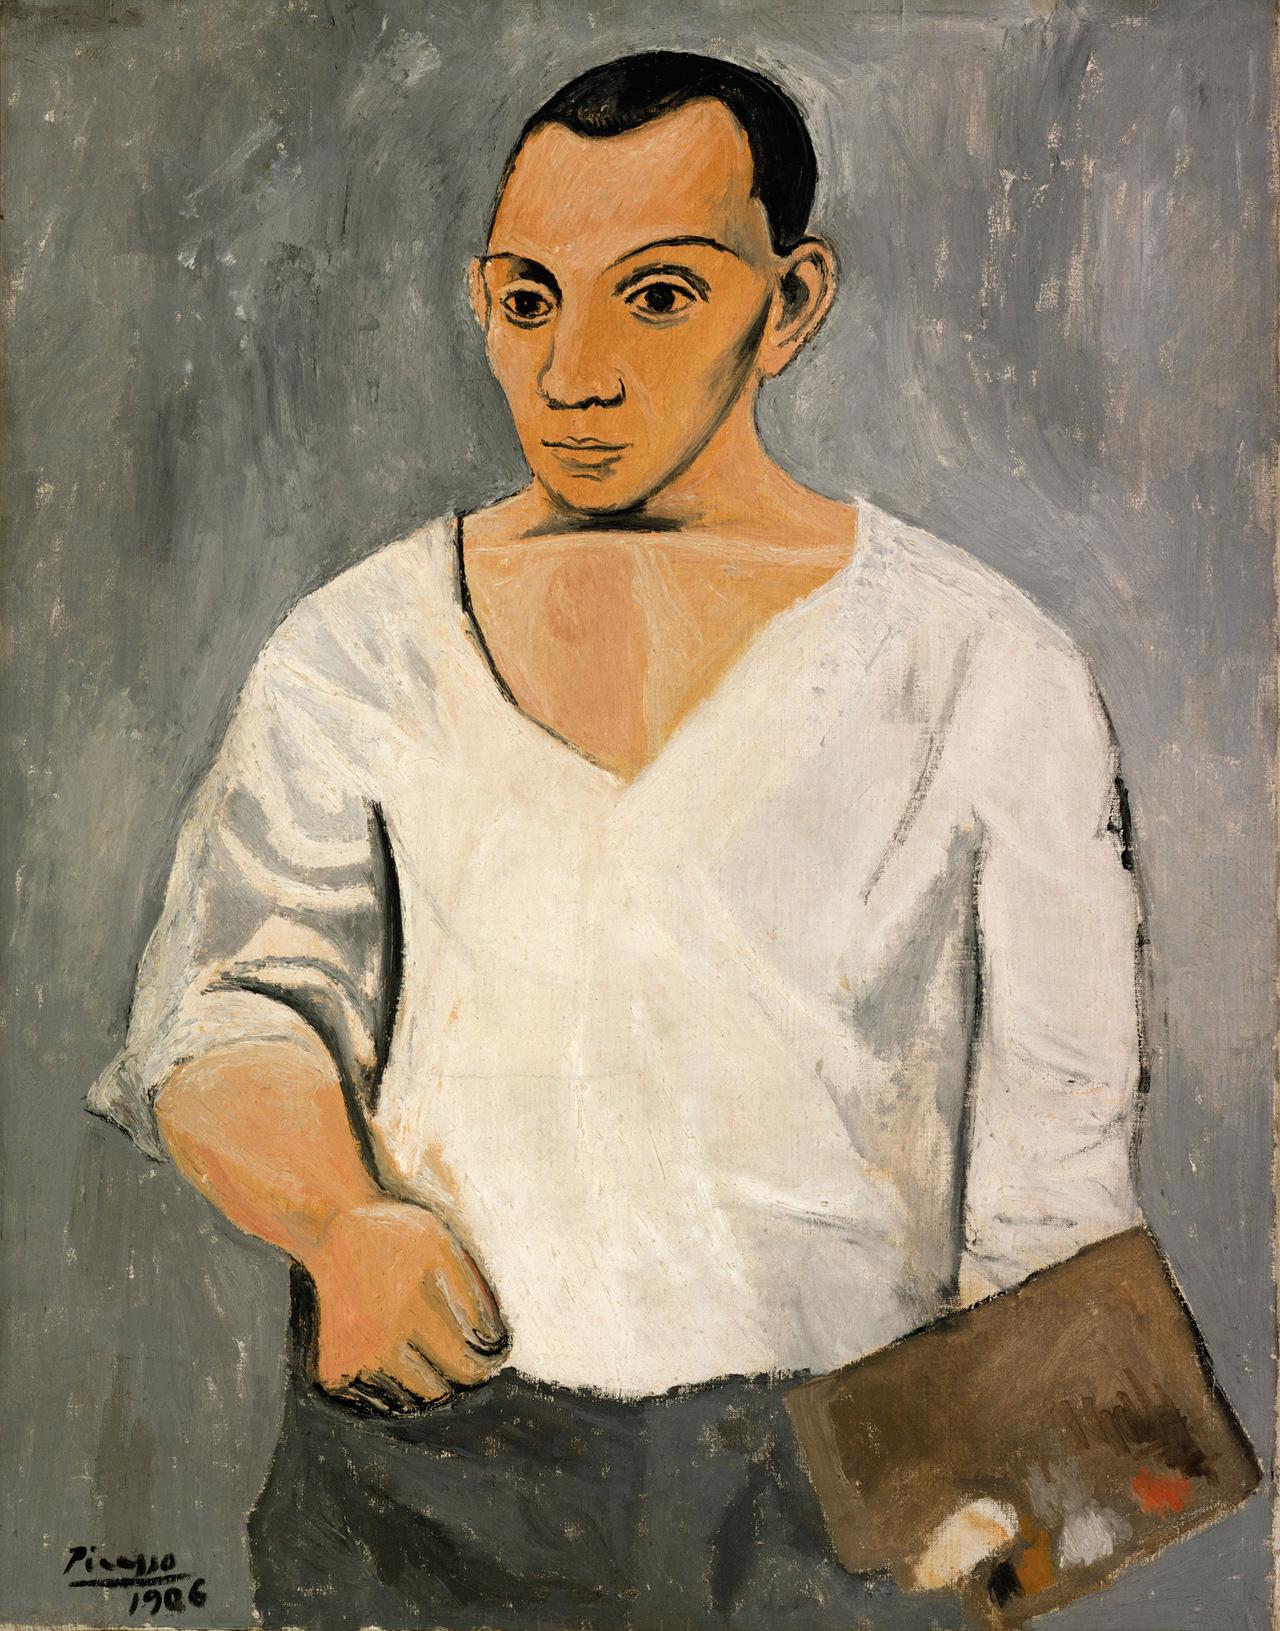 Pablo Picasso, Self-Portrait with Palette, 1906. © Succession Picasso/DACS, London